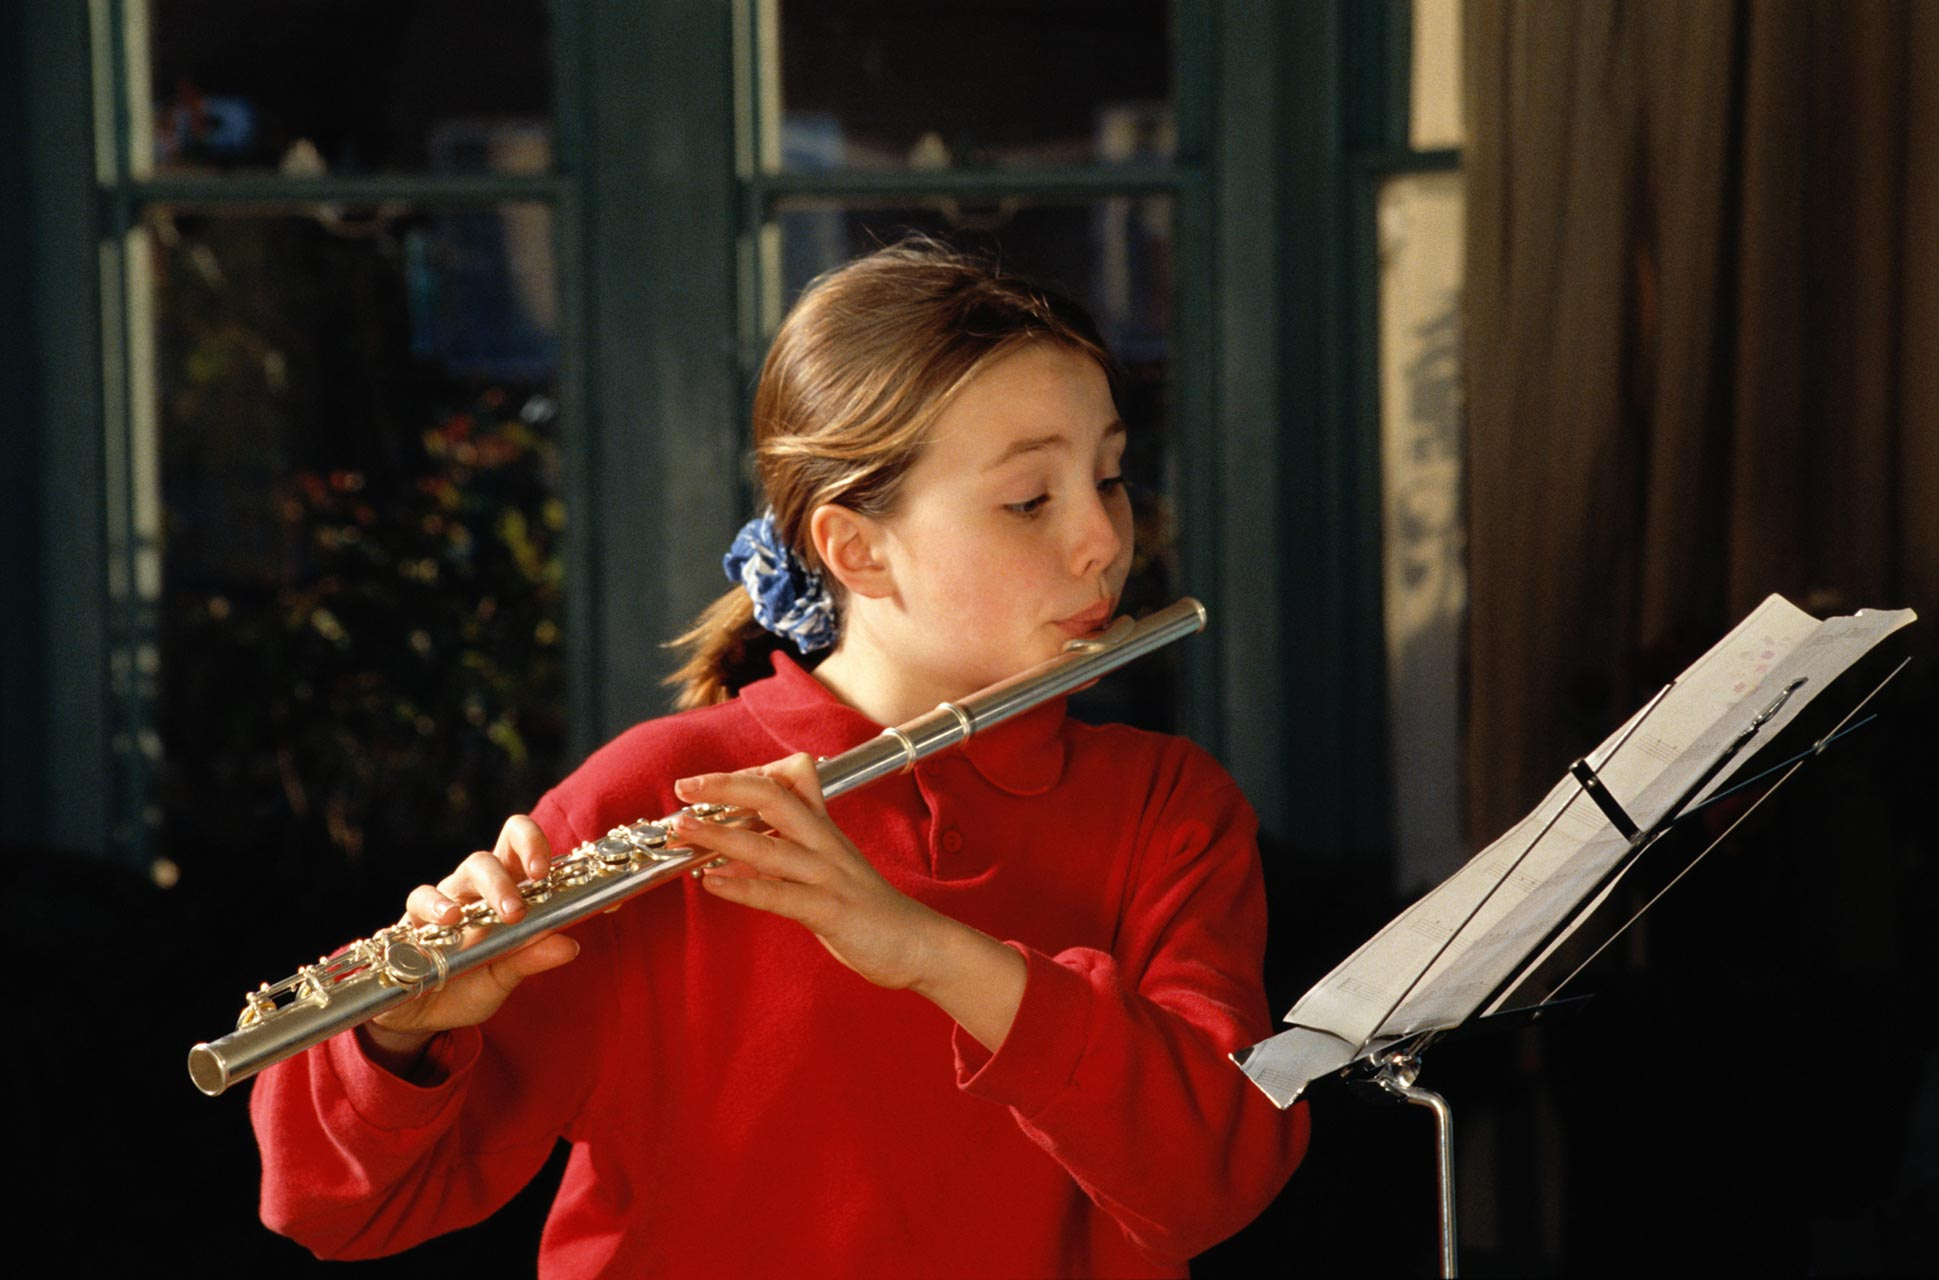 Регулярные музыкальные занятия помогают малышу развивать оба полушария